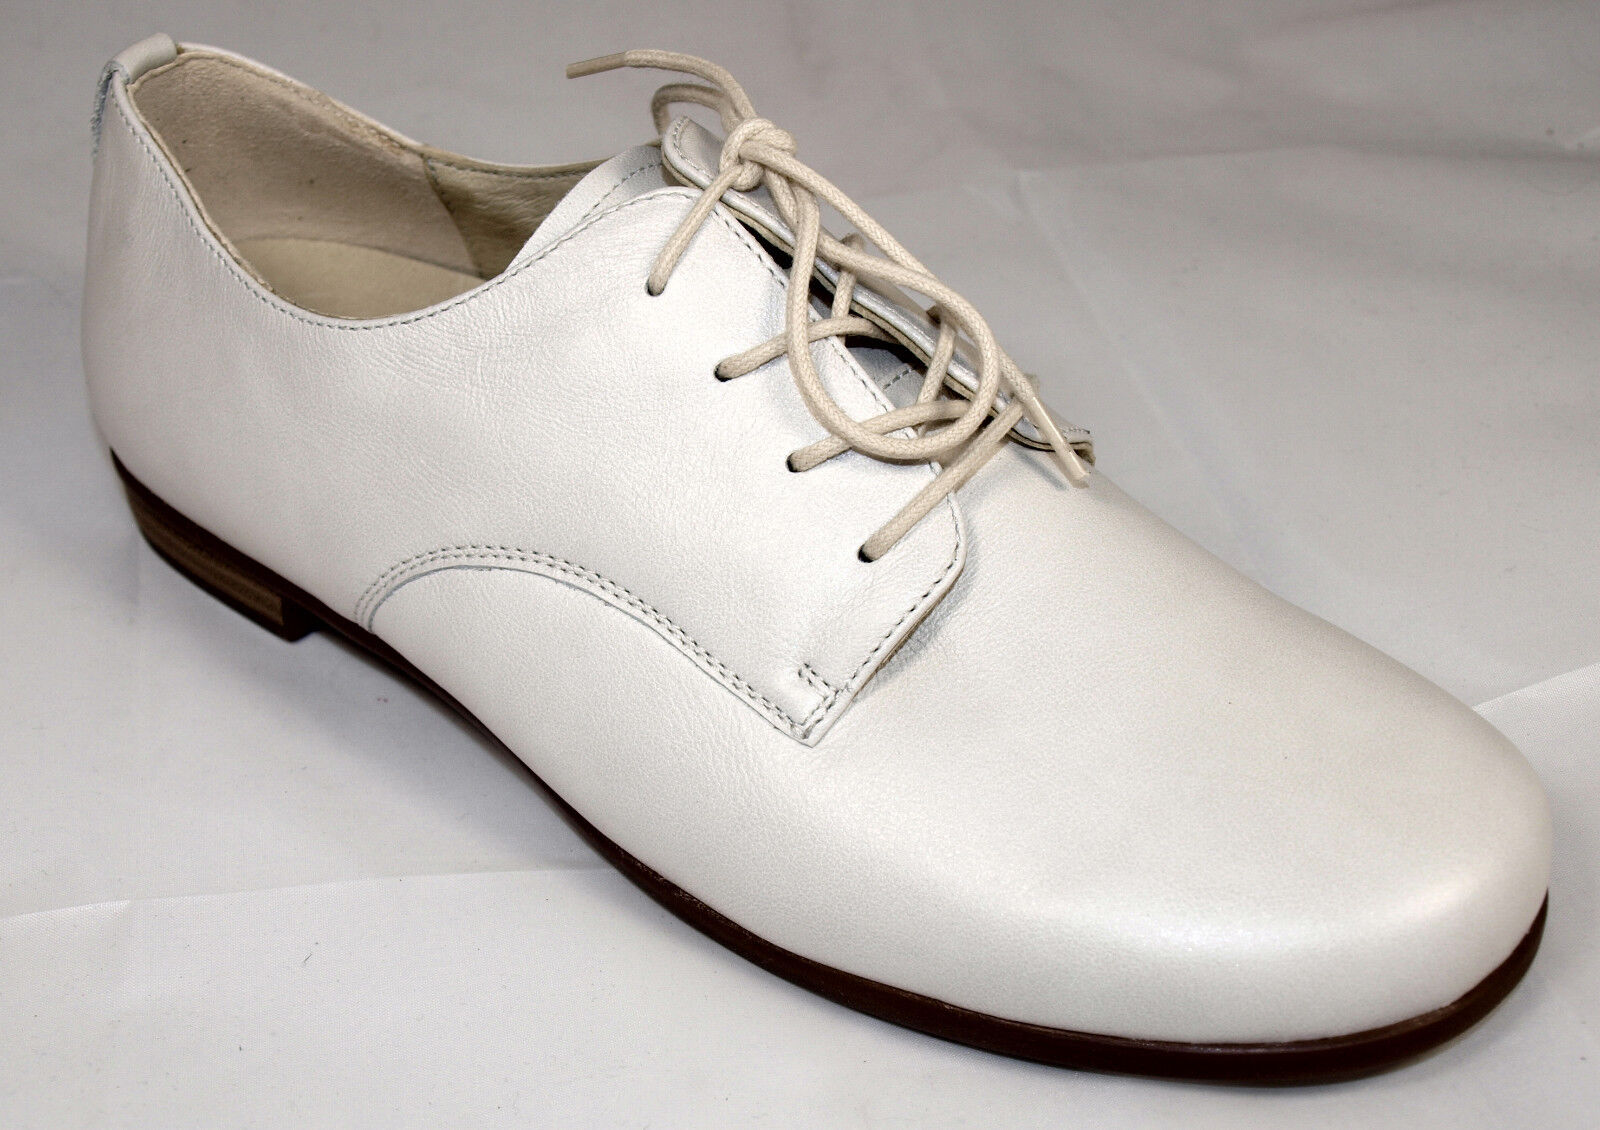 Waldläufer Schuhe Damen Leder Weite H creme weiß Schnürschuhe Neu ... c0c6949012